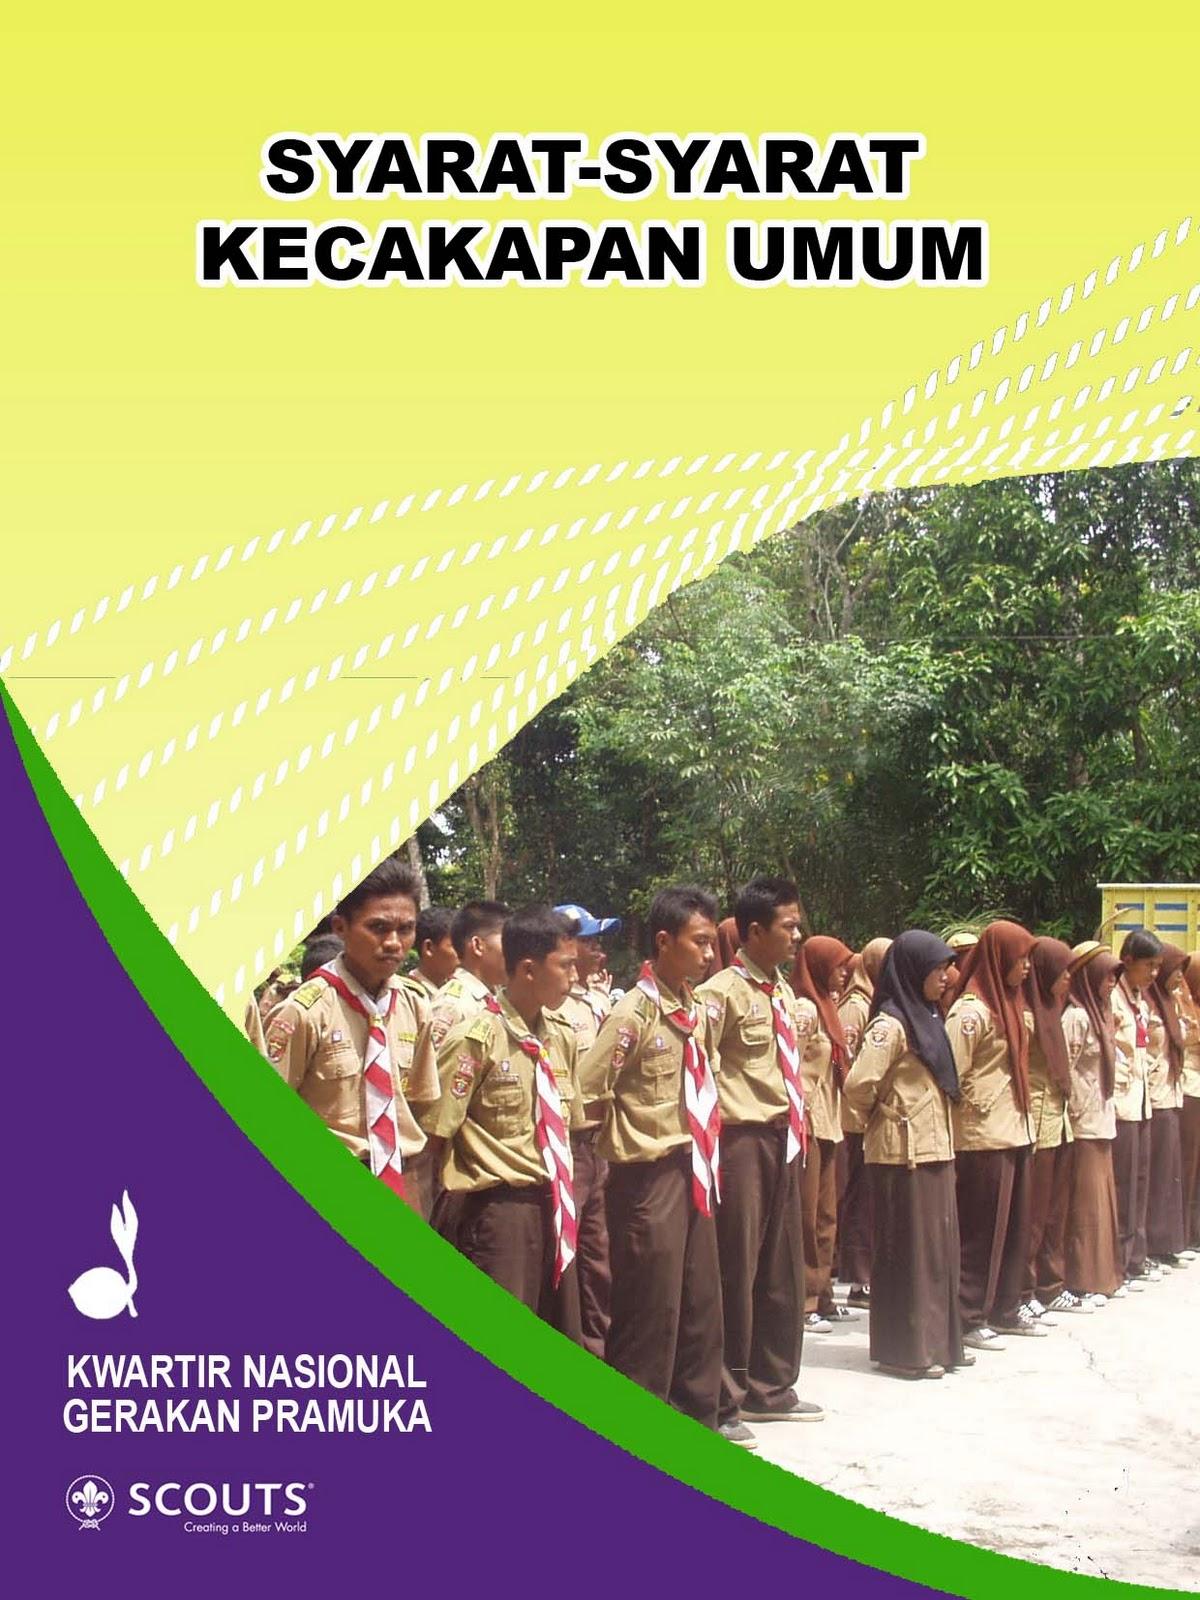 Keputusan Kwarnas Nomor 199 Tahun 2011 Tentang Panduan Penyelesaian SKU